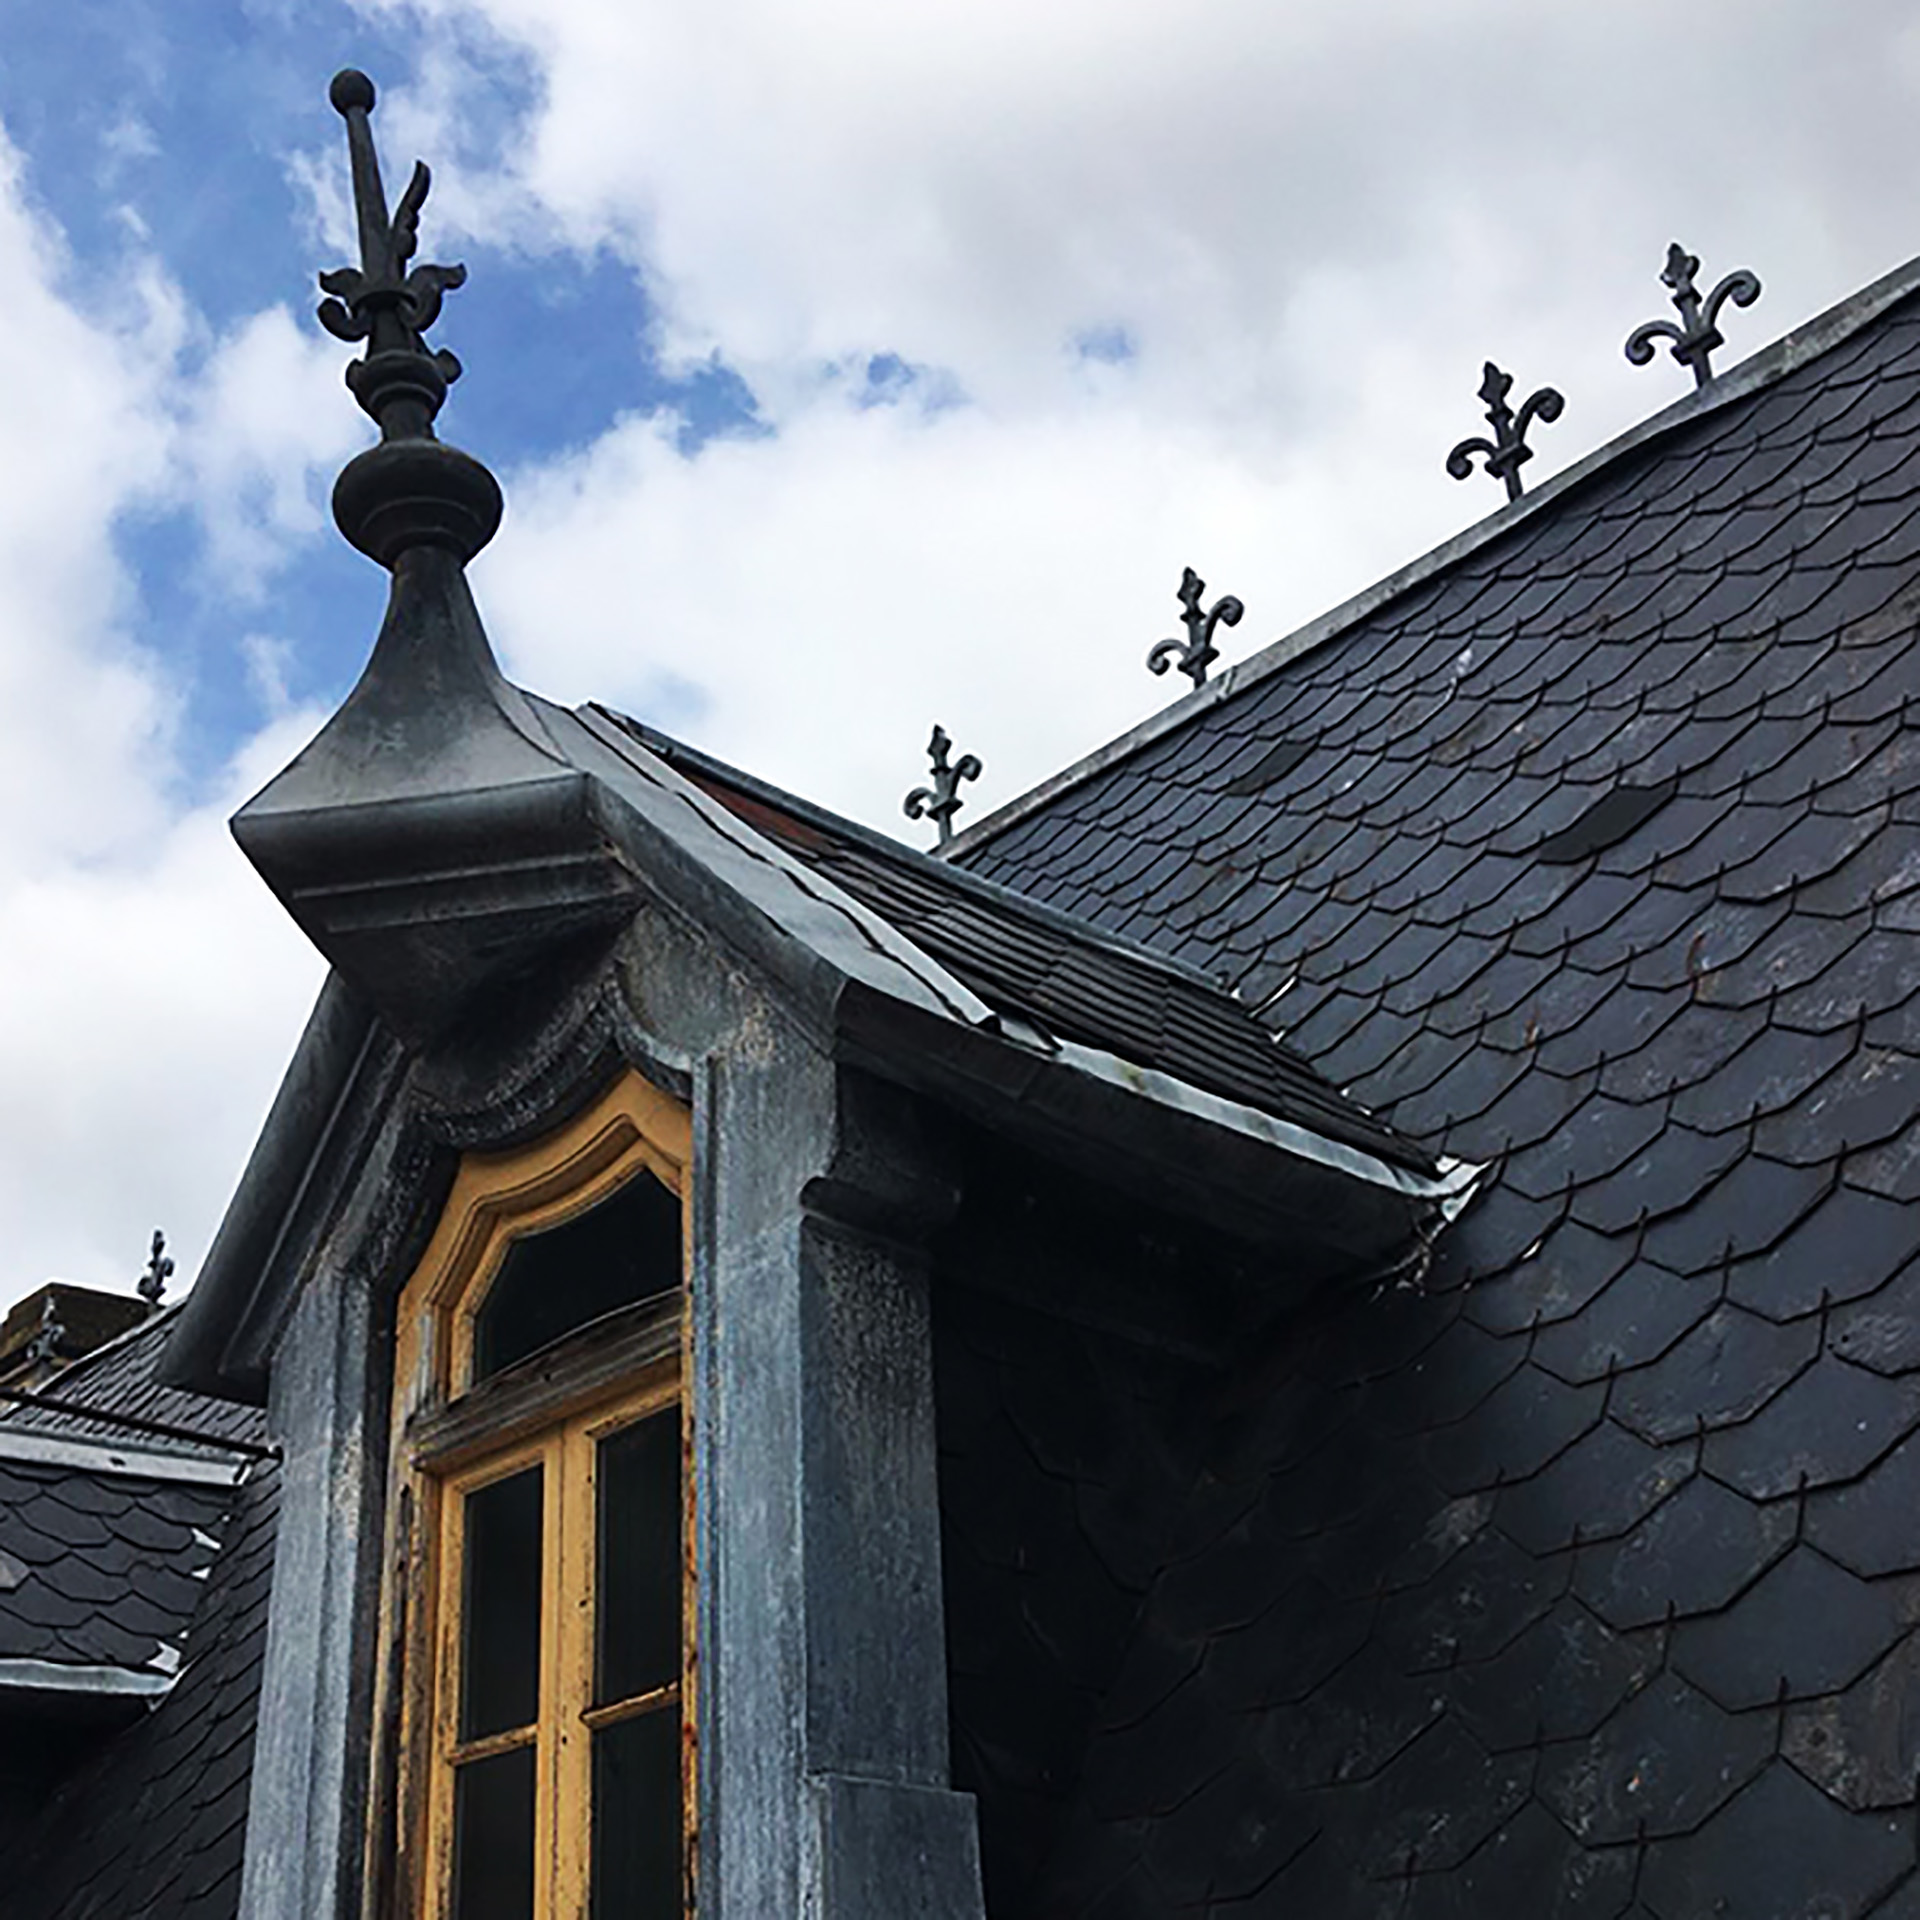 Detalles góticos